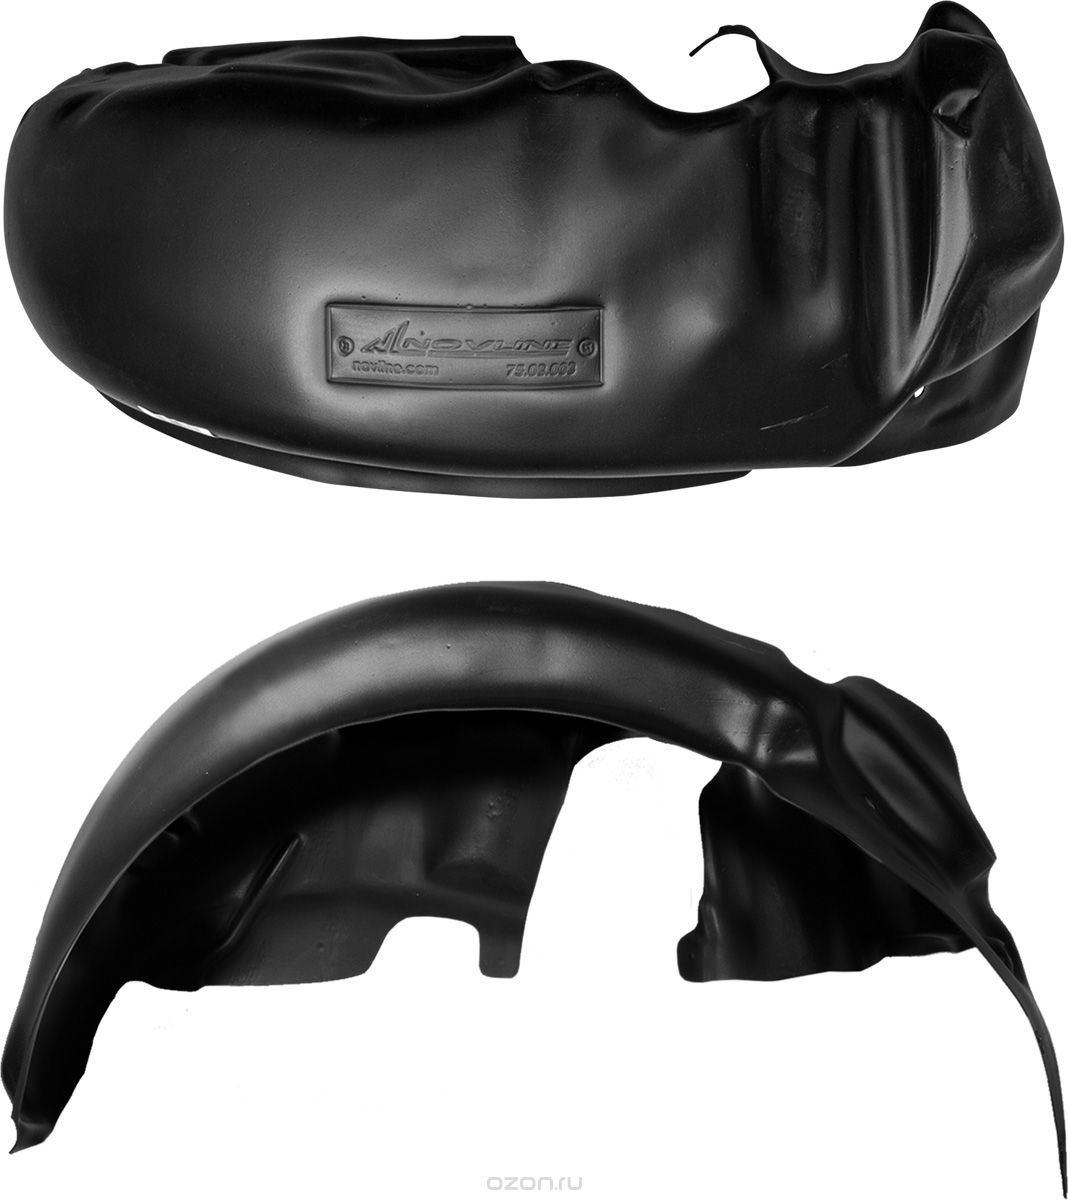 Подкрылок Novline-Autofamily, для GEELY GC6, 2014->, передний левыйDAVC150Идеальная защита колесной ниши. Локеры разработаны с применением цифровых технологий, гарантируют максимальную повторяемость поверхности арки. Изделия устанавливаются без нарушения лакокрасочного покрытия автомобиля, каждый подкрылок комплектуется крепежом. Уважаемые клиенты, обращаем ваше внимание, что фотографии на подкрылки универсальные и не отражают реальную форму изделия. При этом само изделие идет точно под размер указанного автомобиля.